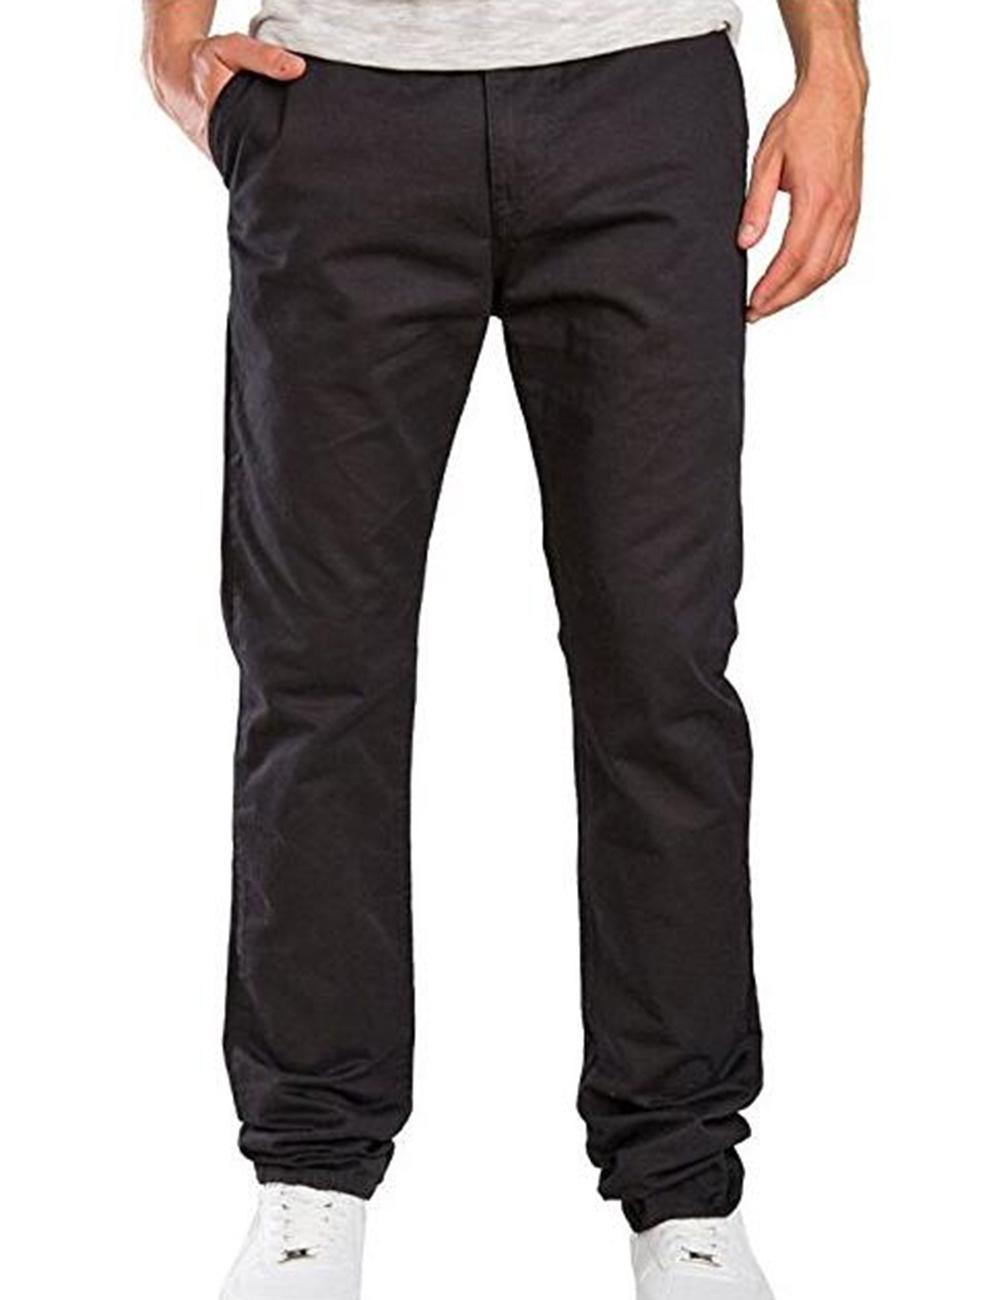 Fashionable Men Solid Color Trousers Business Straight-leg Pants Casual Cotton Pants black_2XL